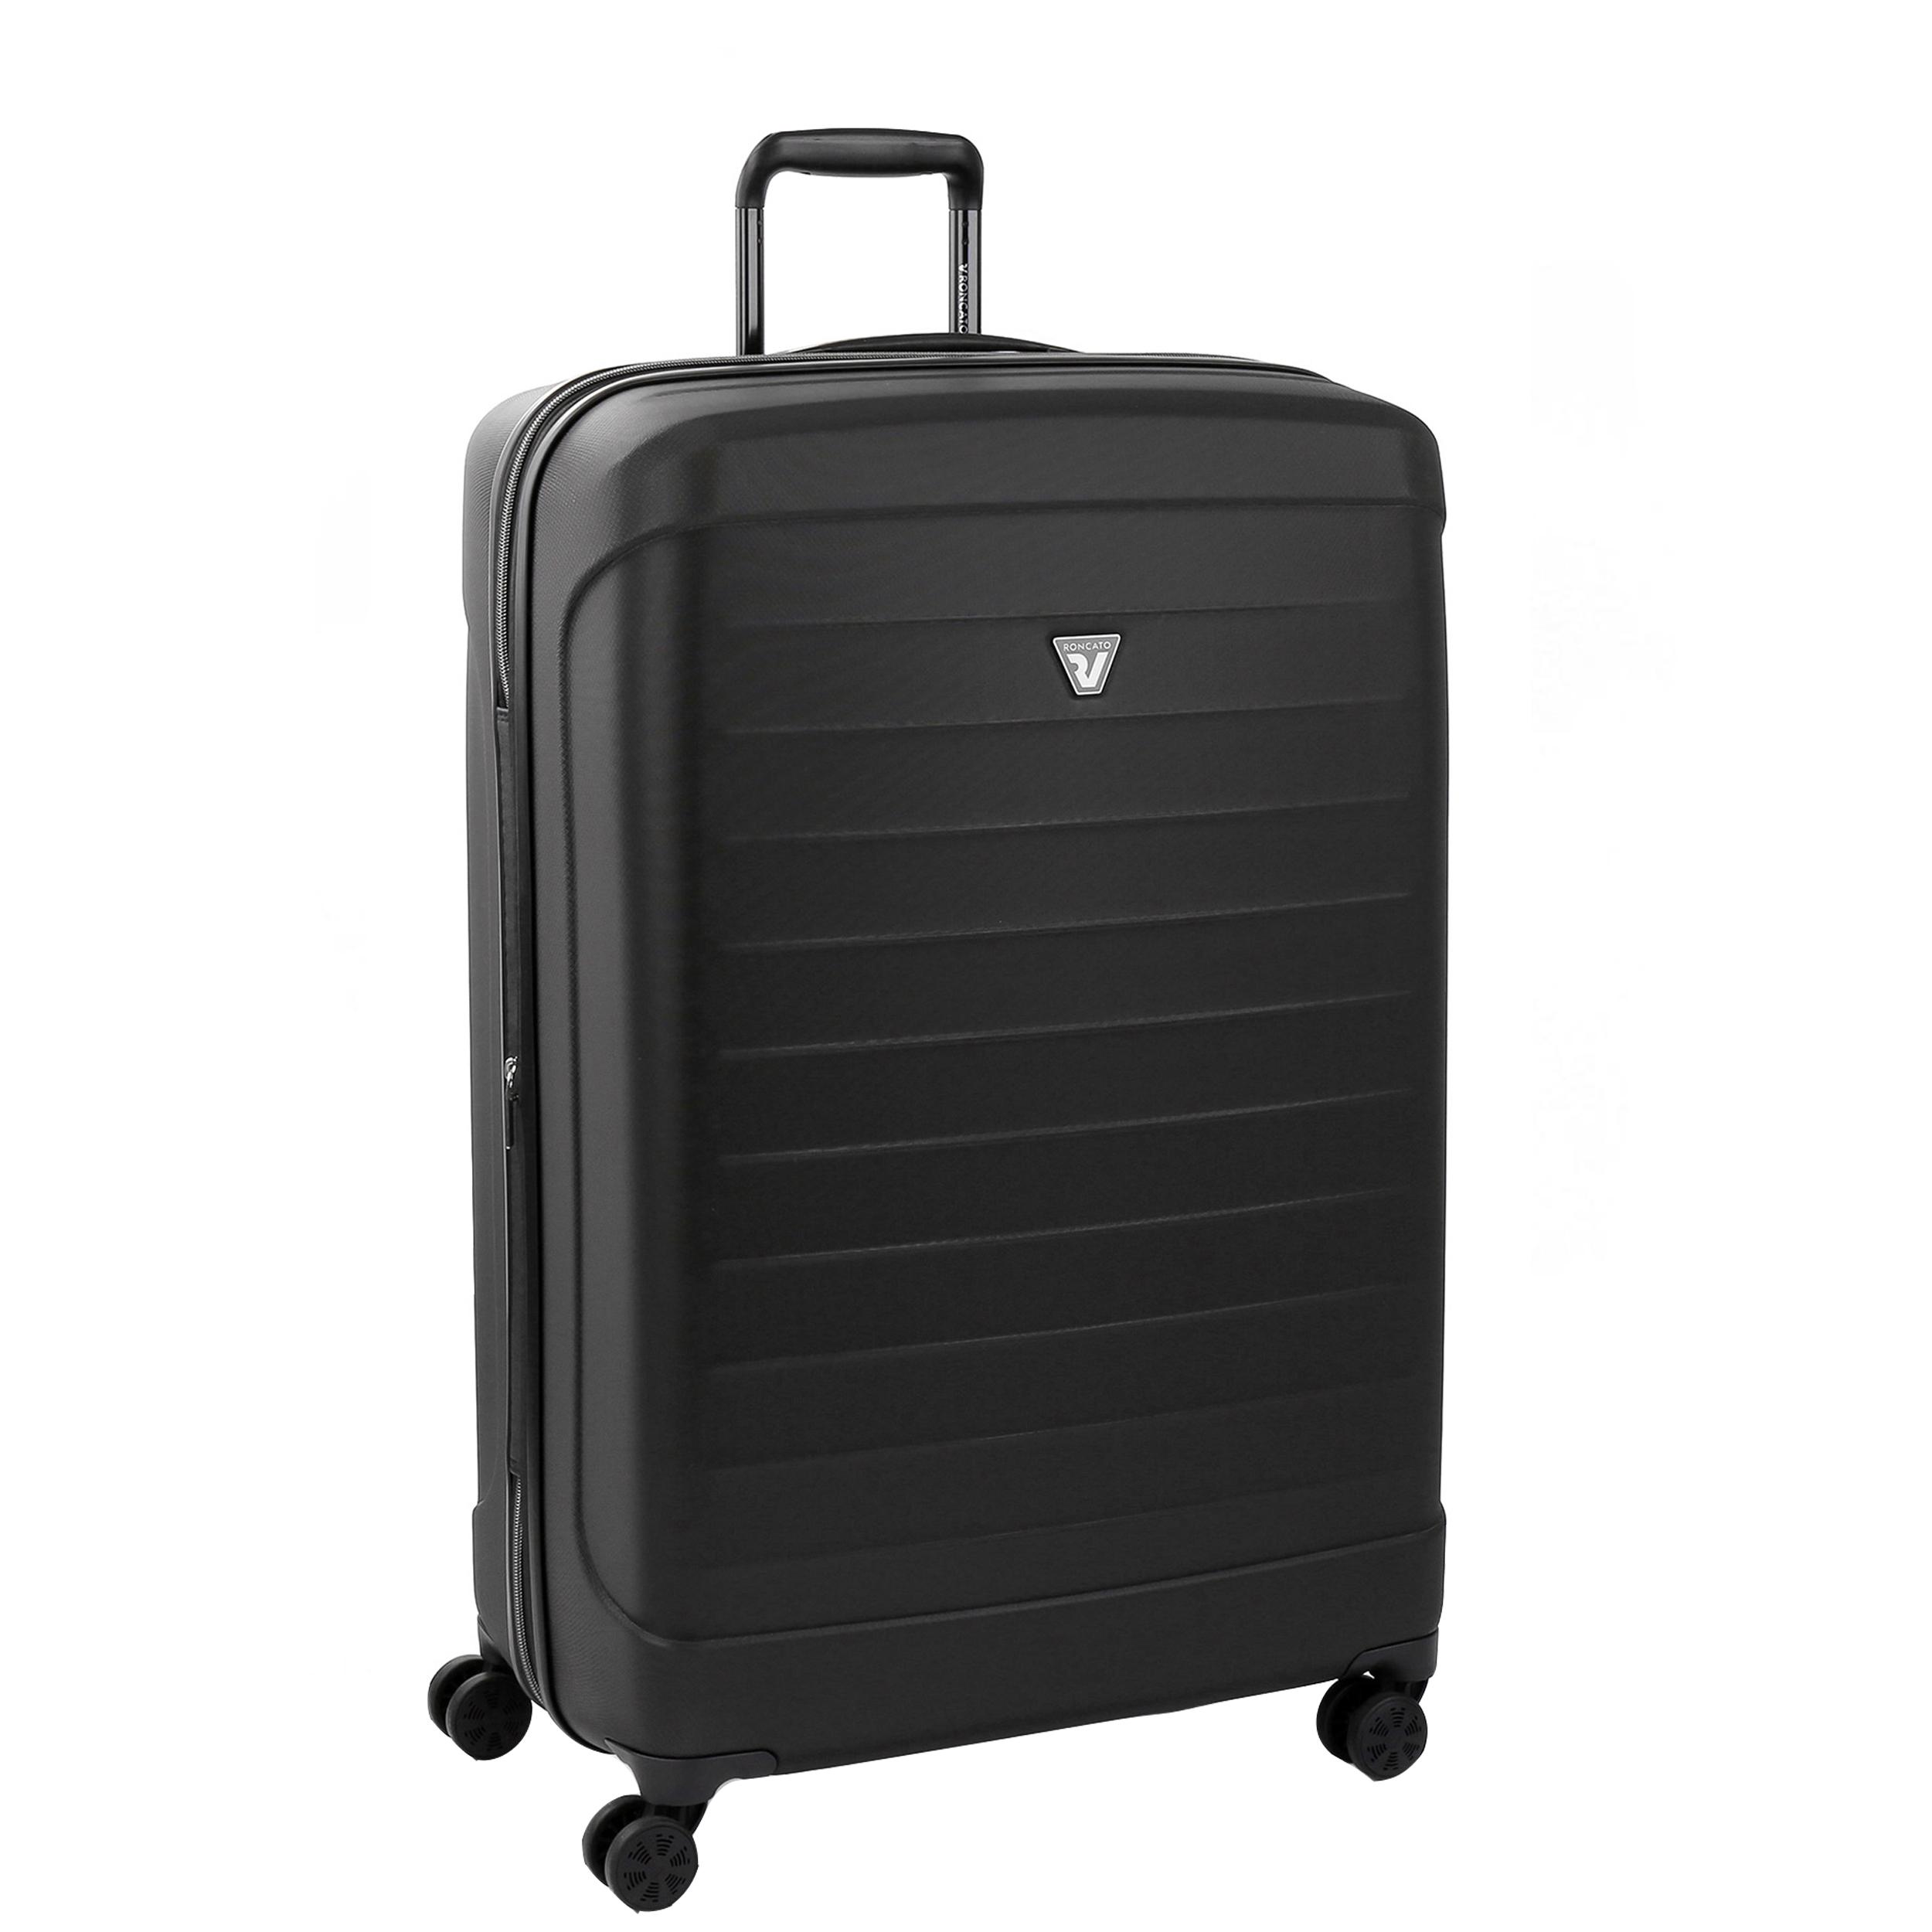 چمدان رونکاتو مدل 419151 سایز بزرگ